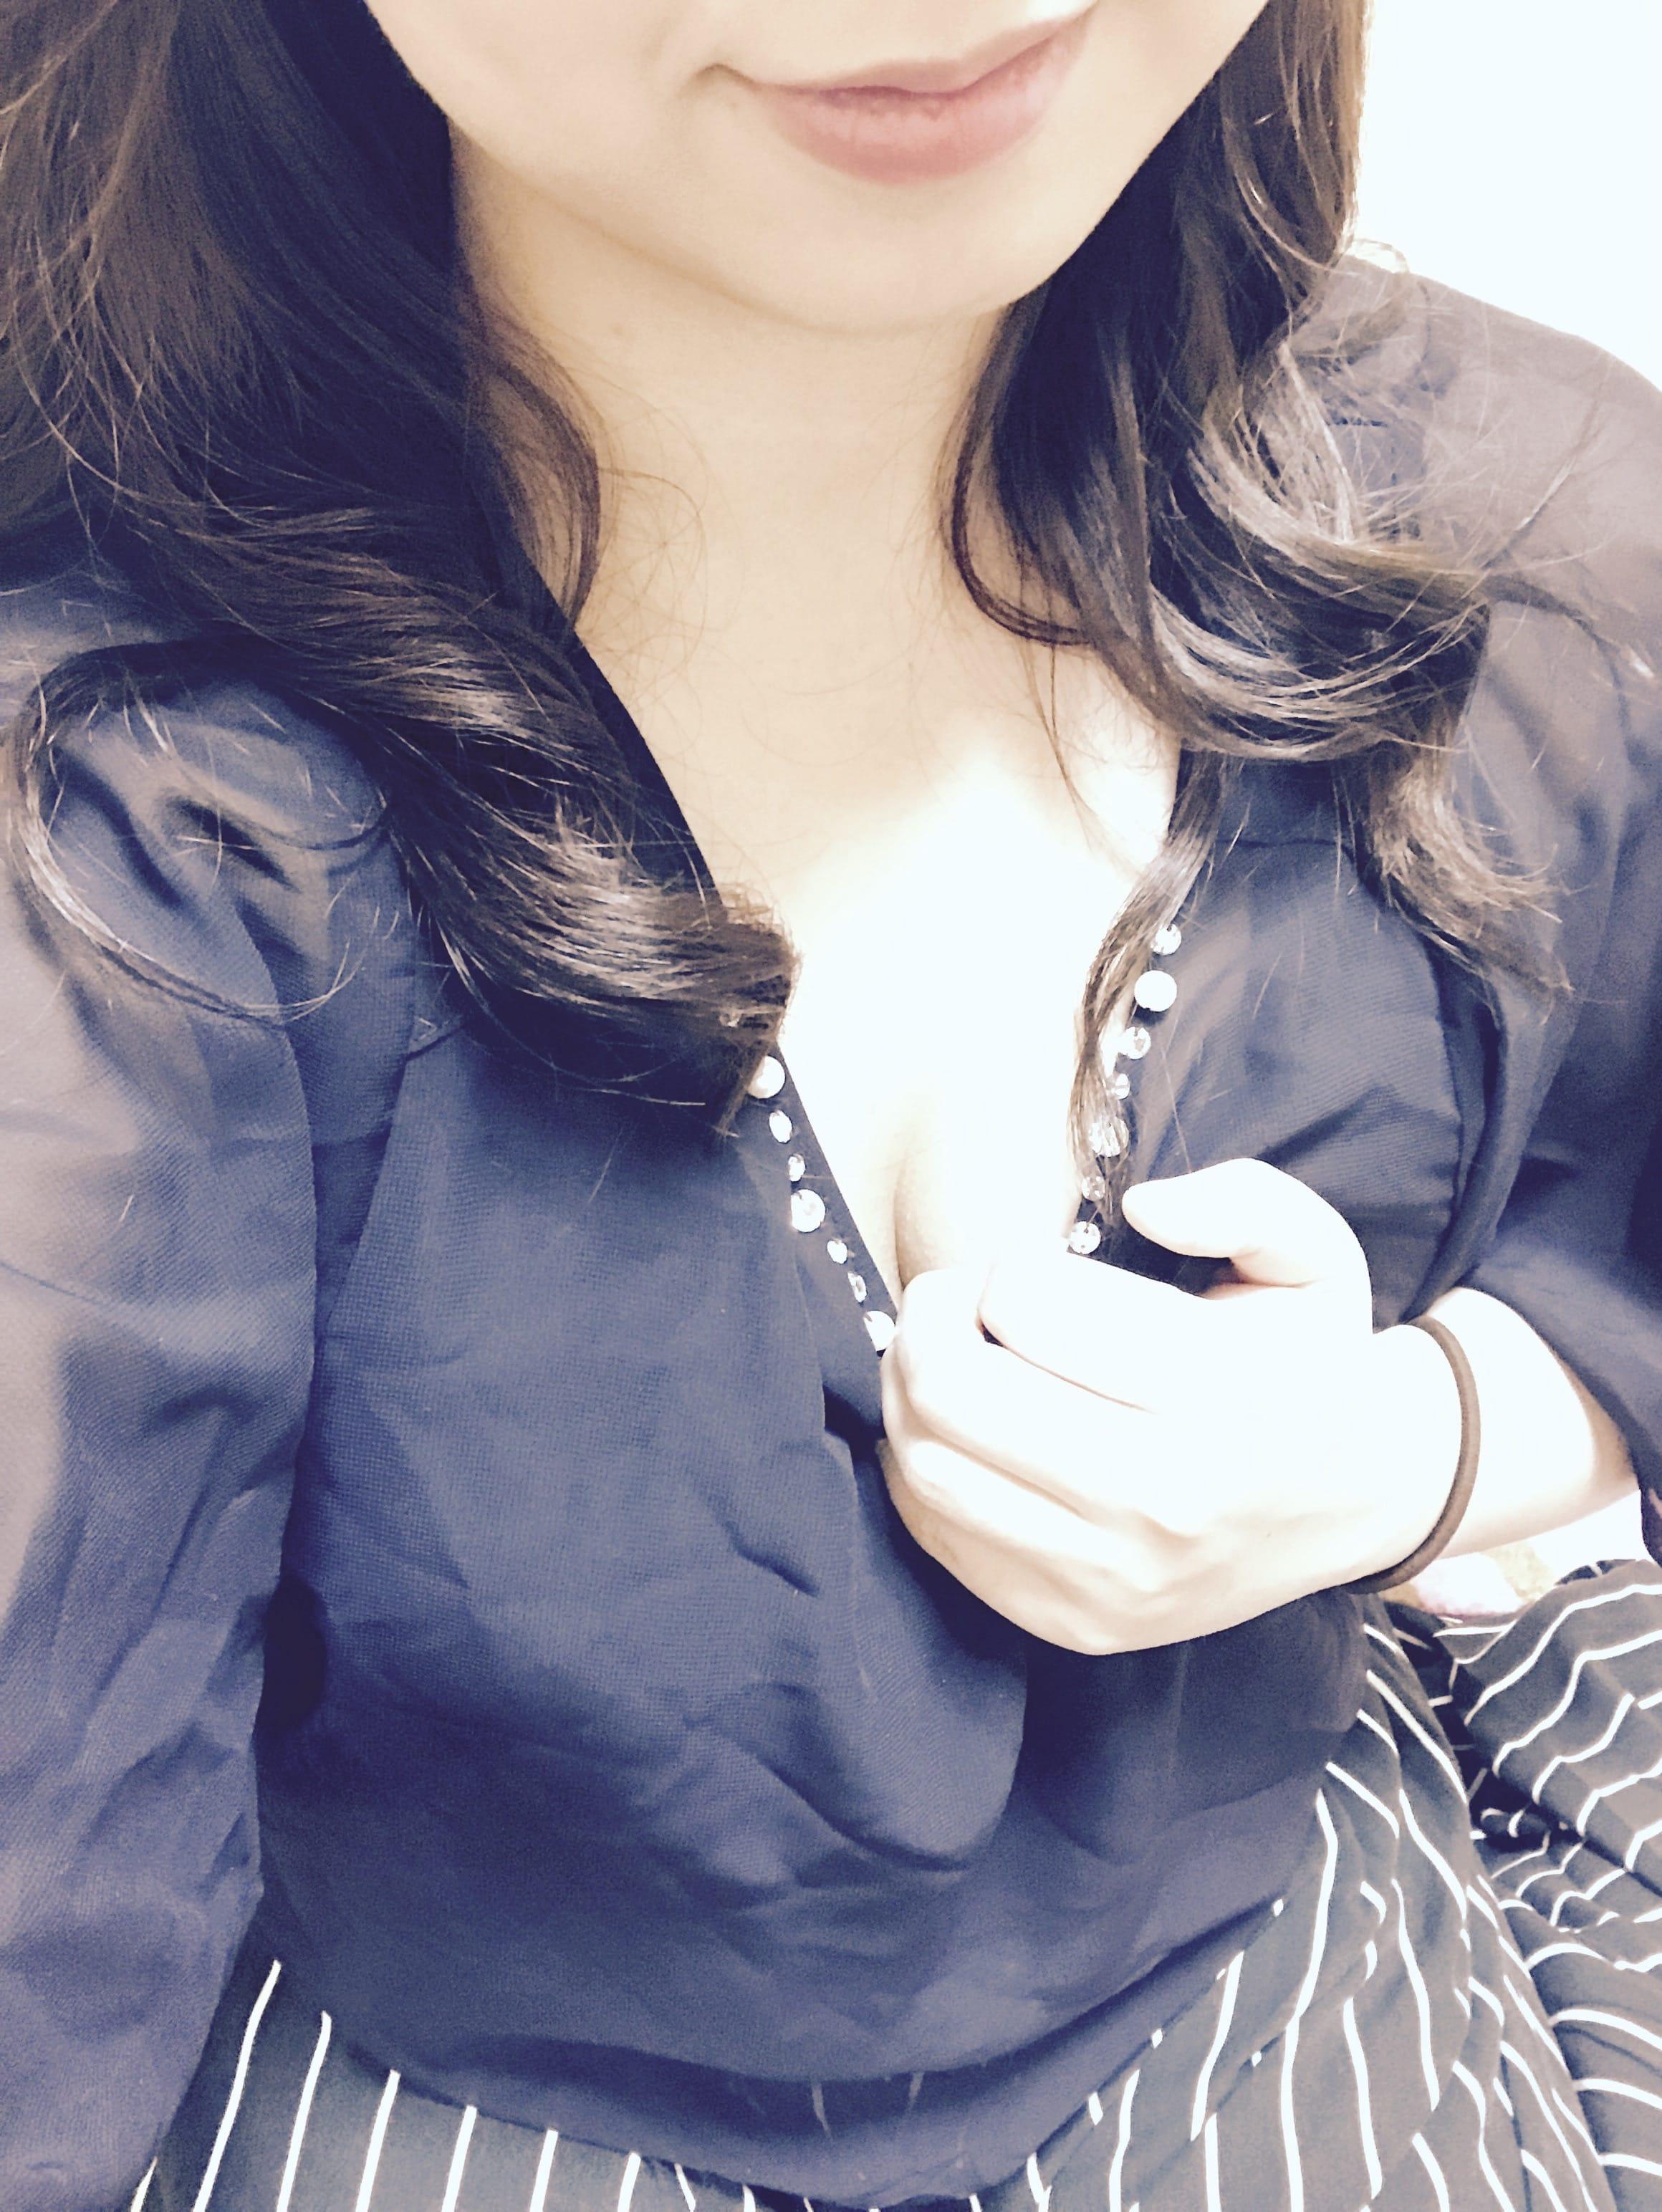 「出勤します☆」06/29(木) 22:34 | みほの写メ・風俗動画